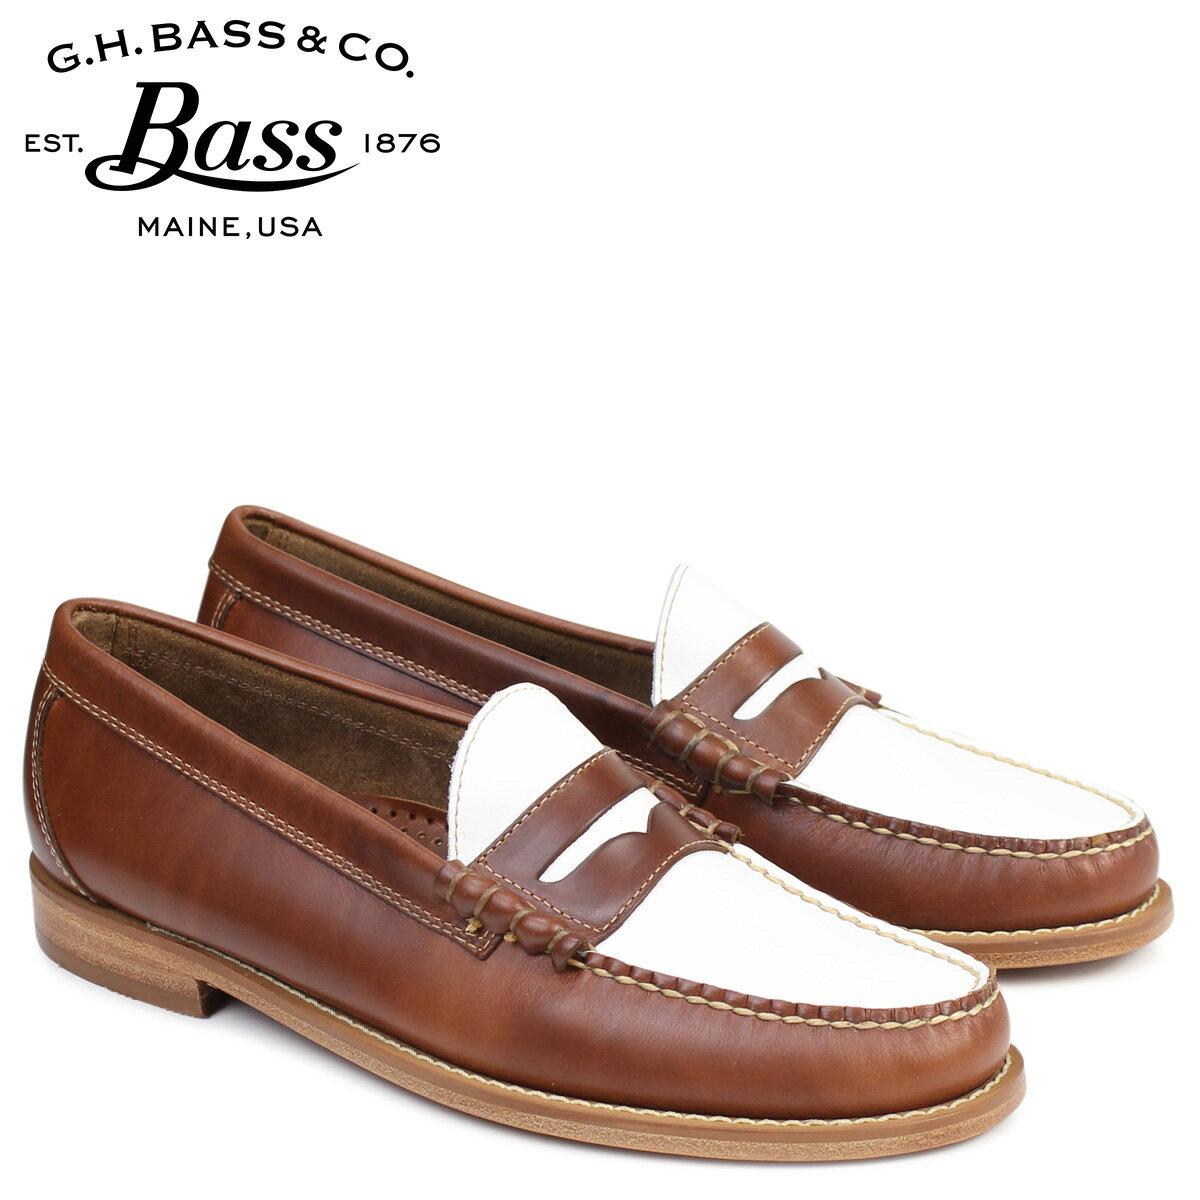 G.H. BASS ローファー ジーエイチバス メンズ ペニー LARSON WEEJUNS 70-79032 靴 ブラウン